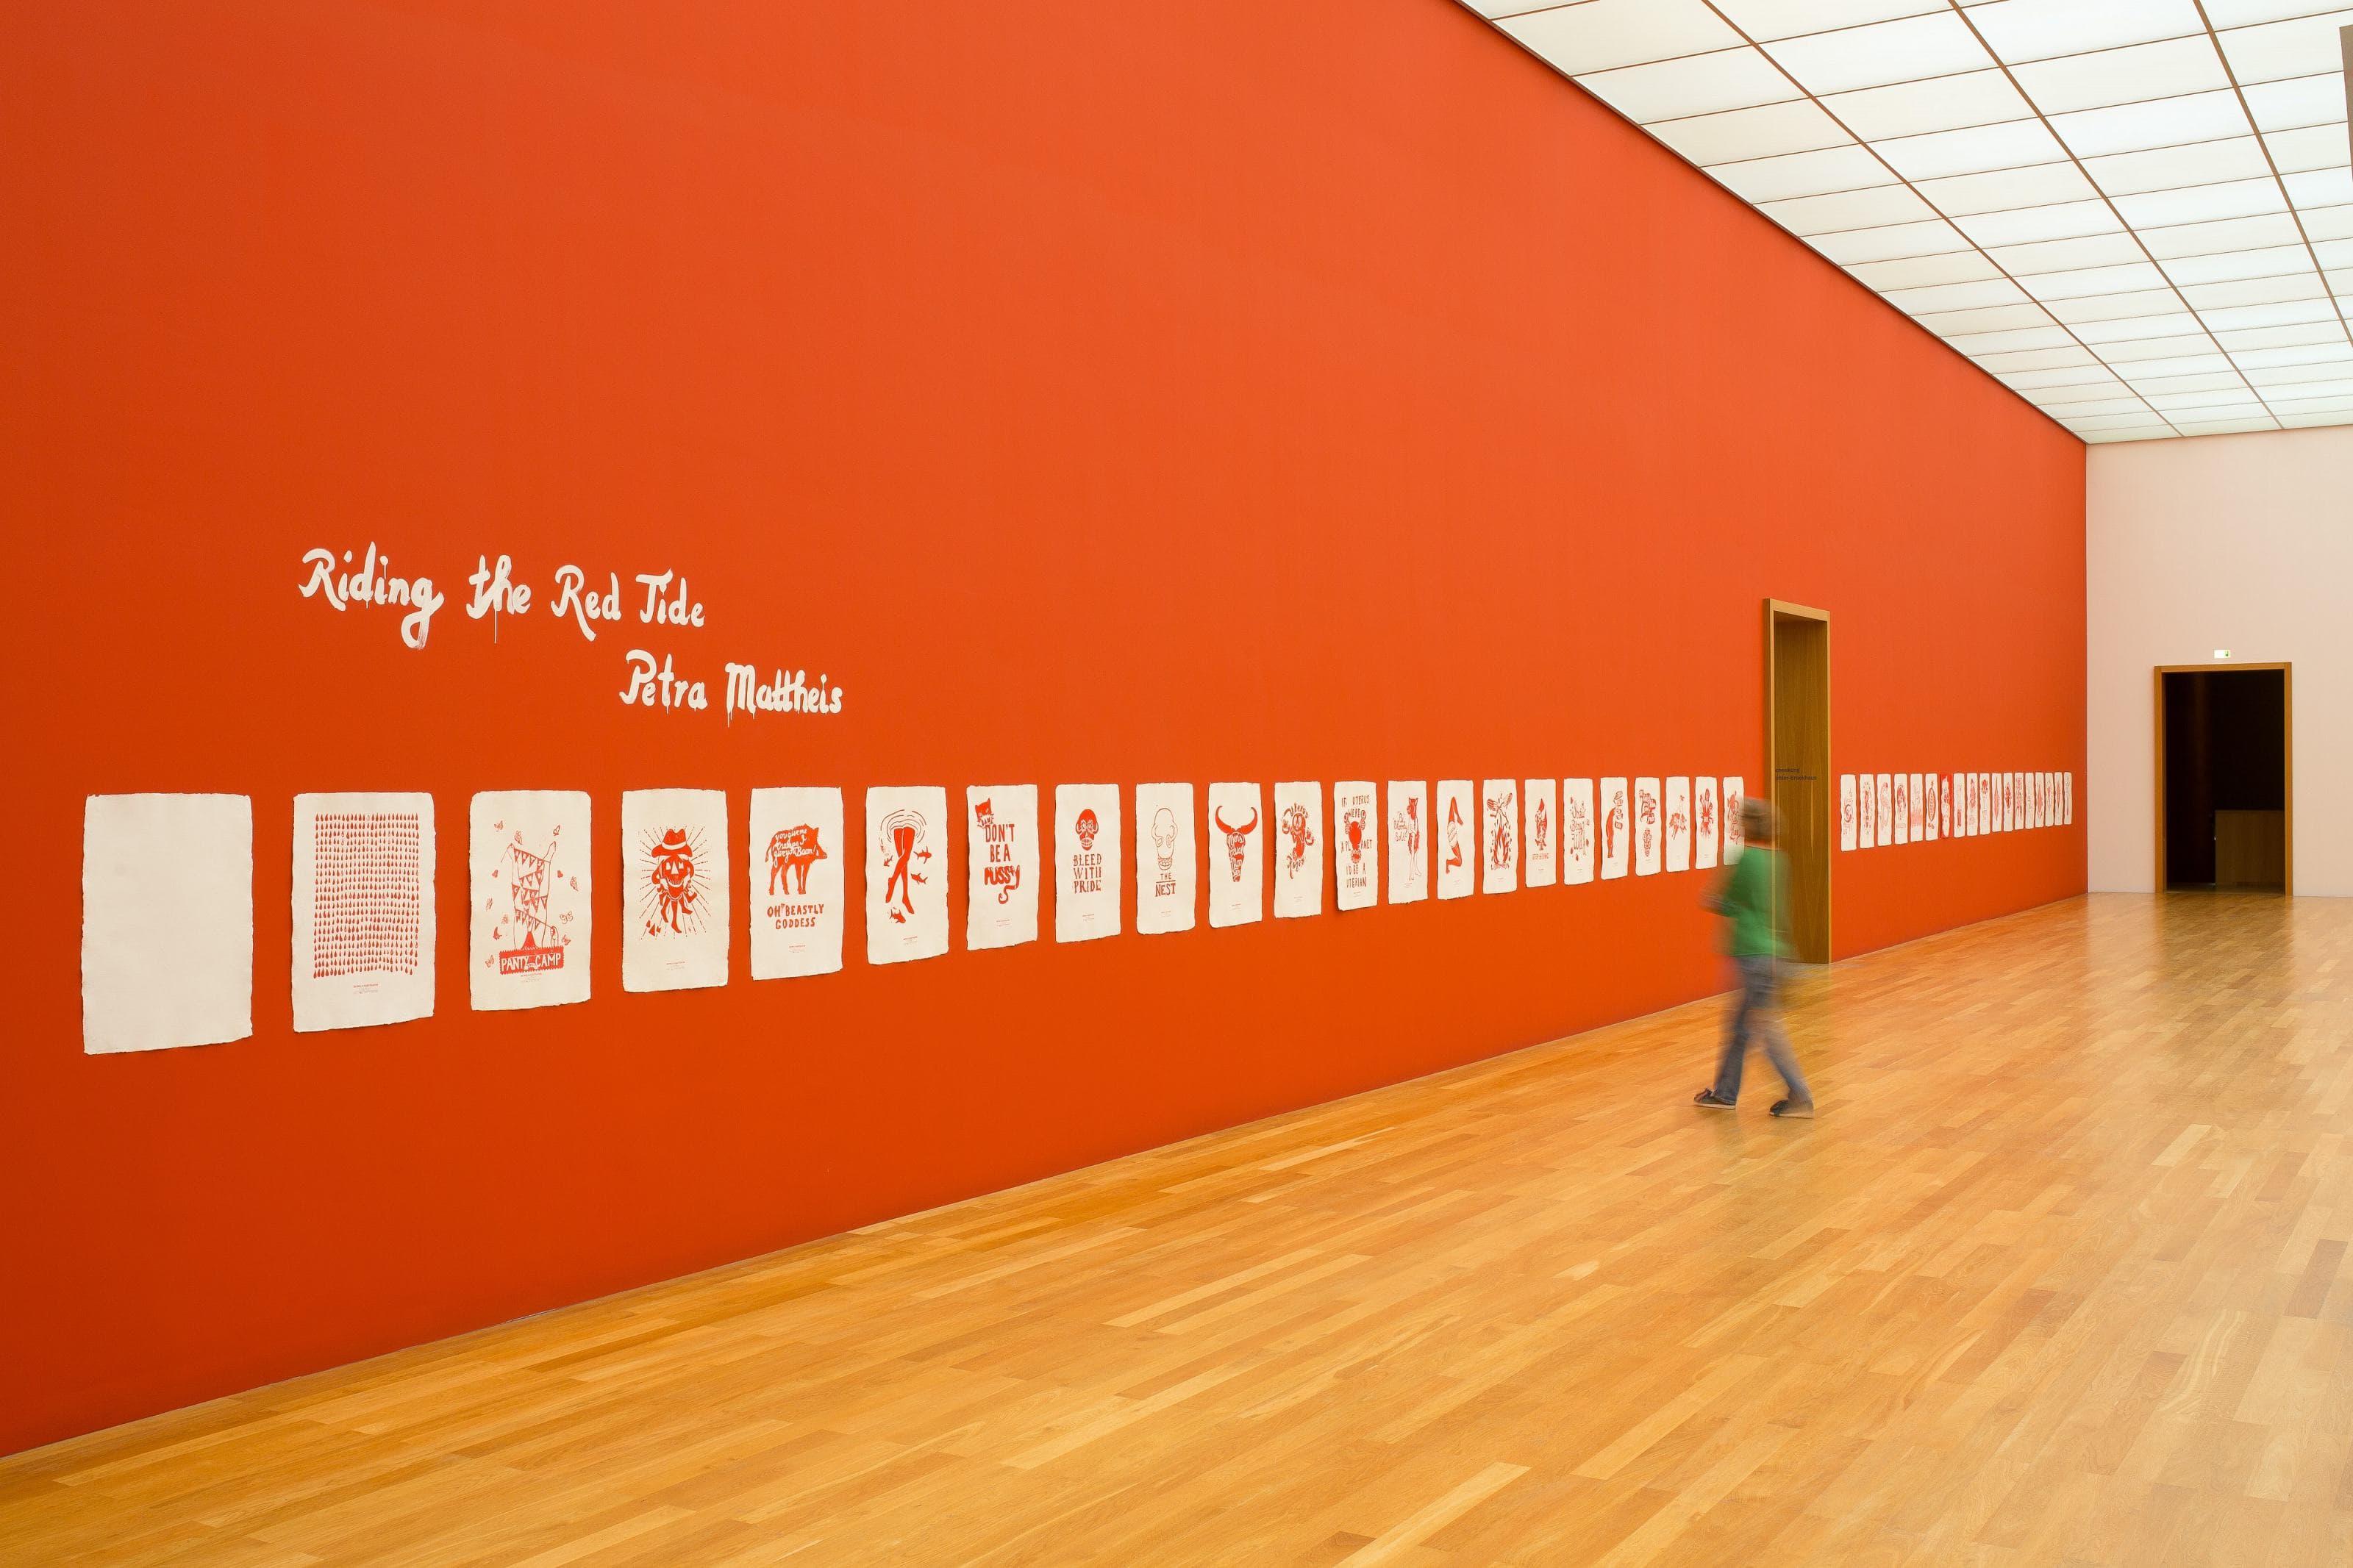 Regentaucher Fotografie | Kunstausstellung Riding the Red Tide im Mdbk Leipzig von Petra Mattheis